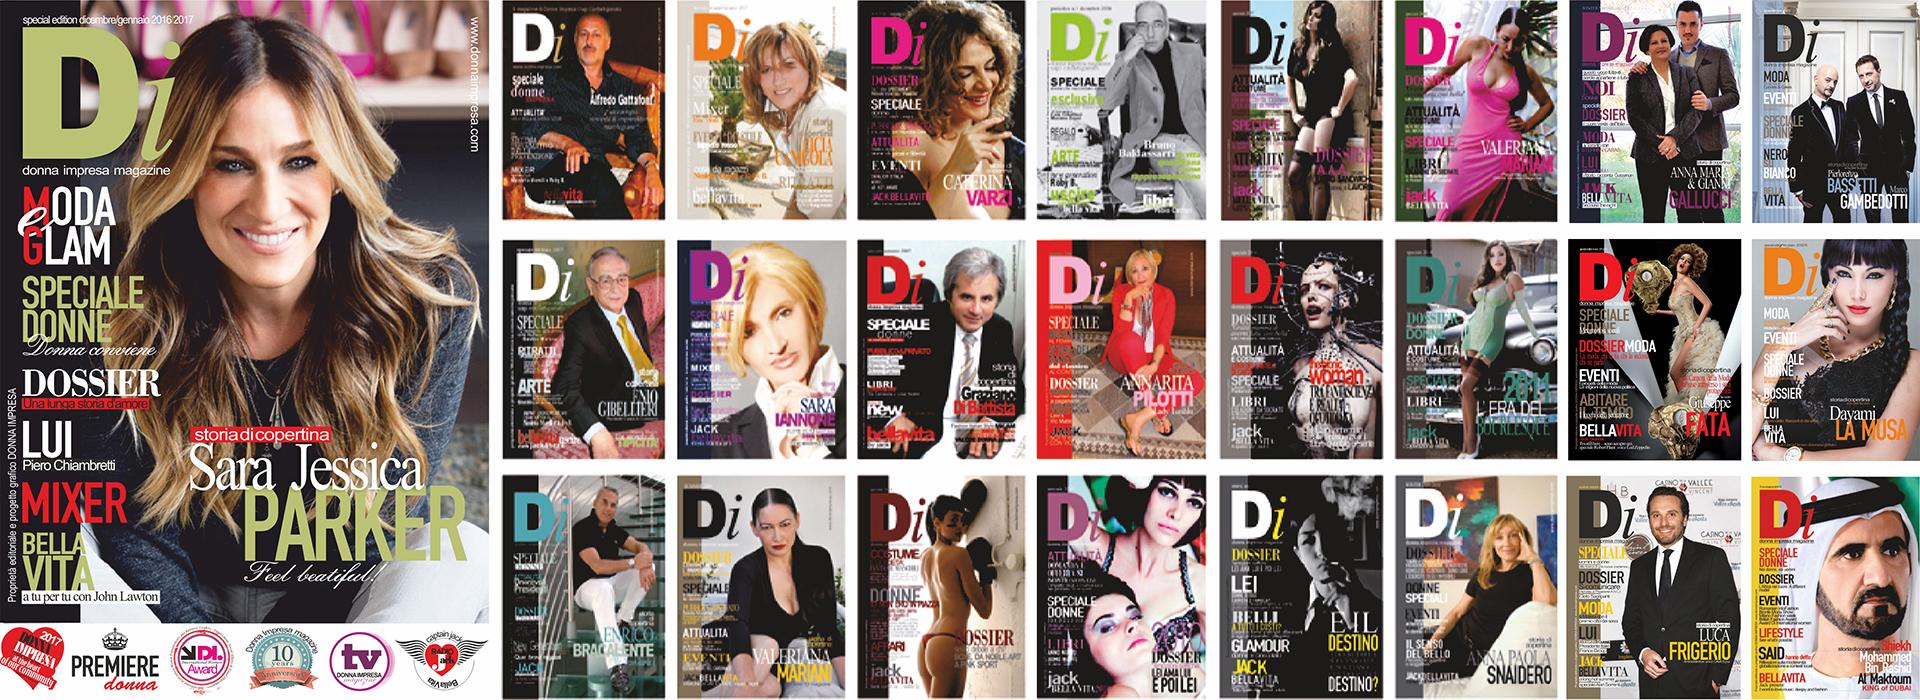 the Cover Di Magazine